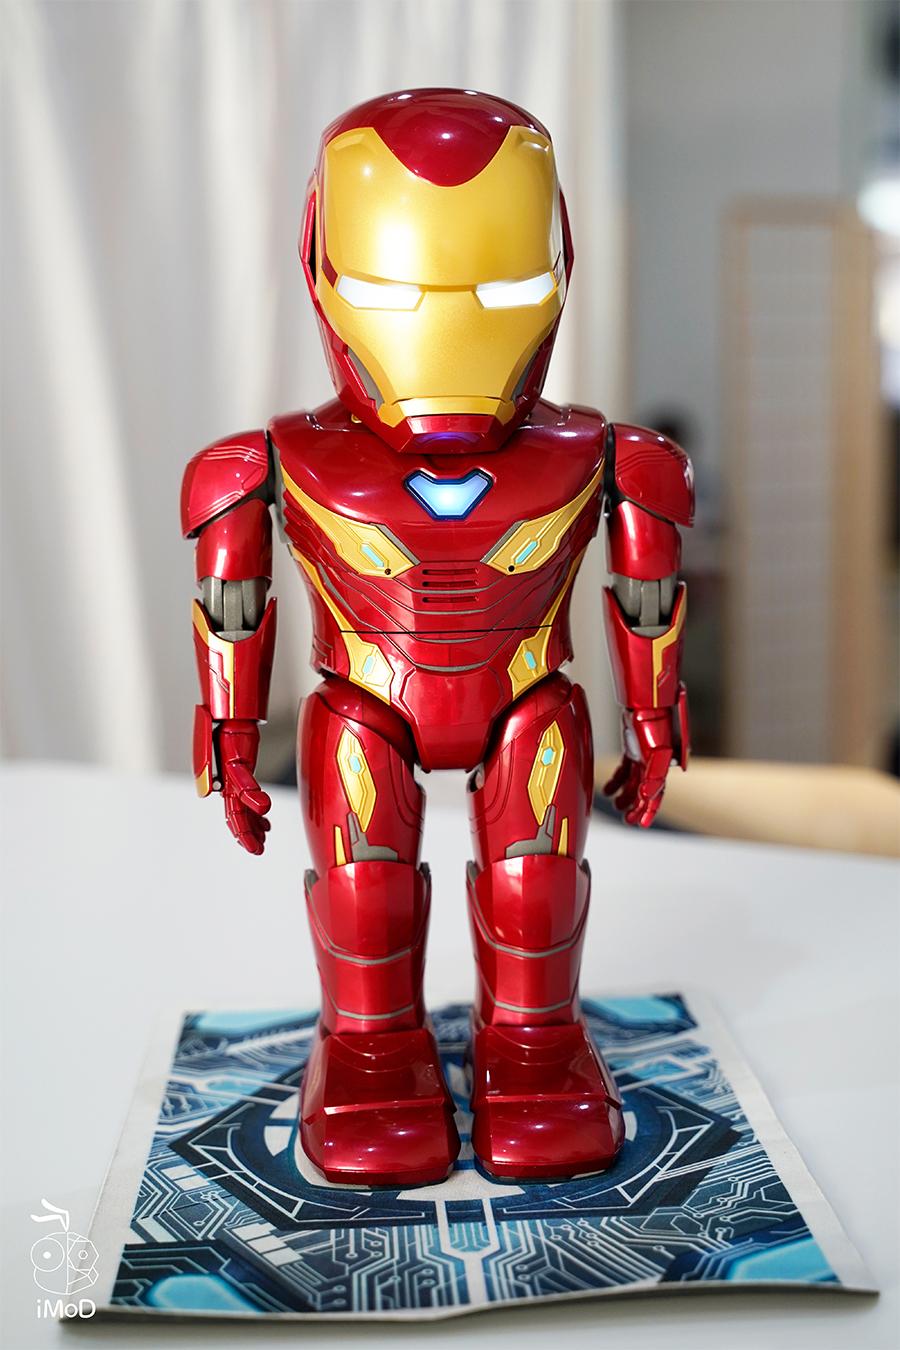 Ubtech Iron Man Mk50 Robot 18